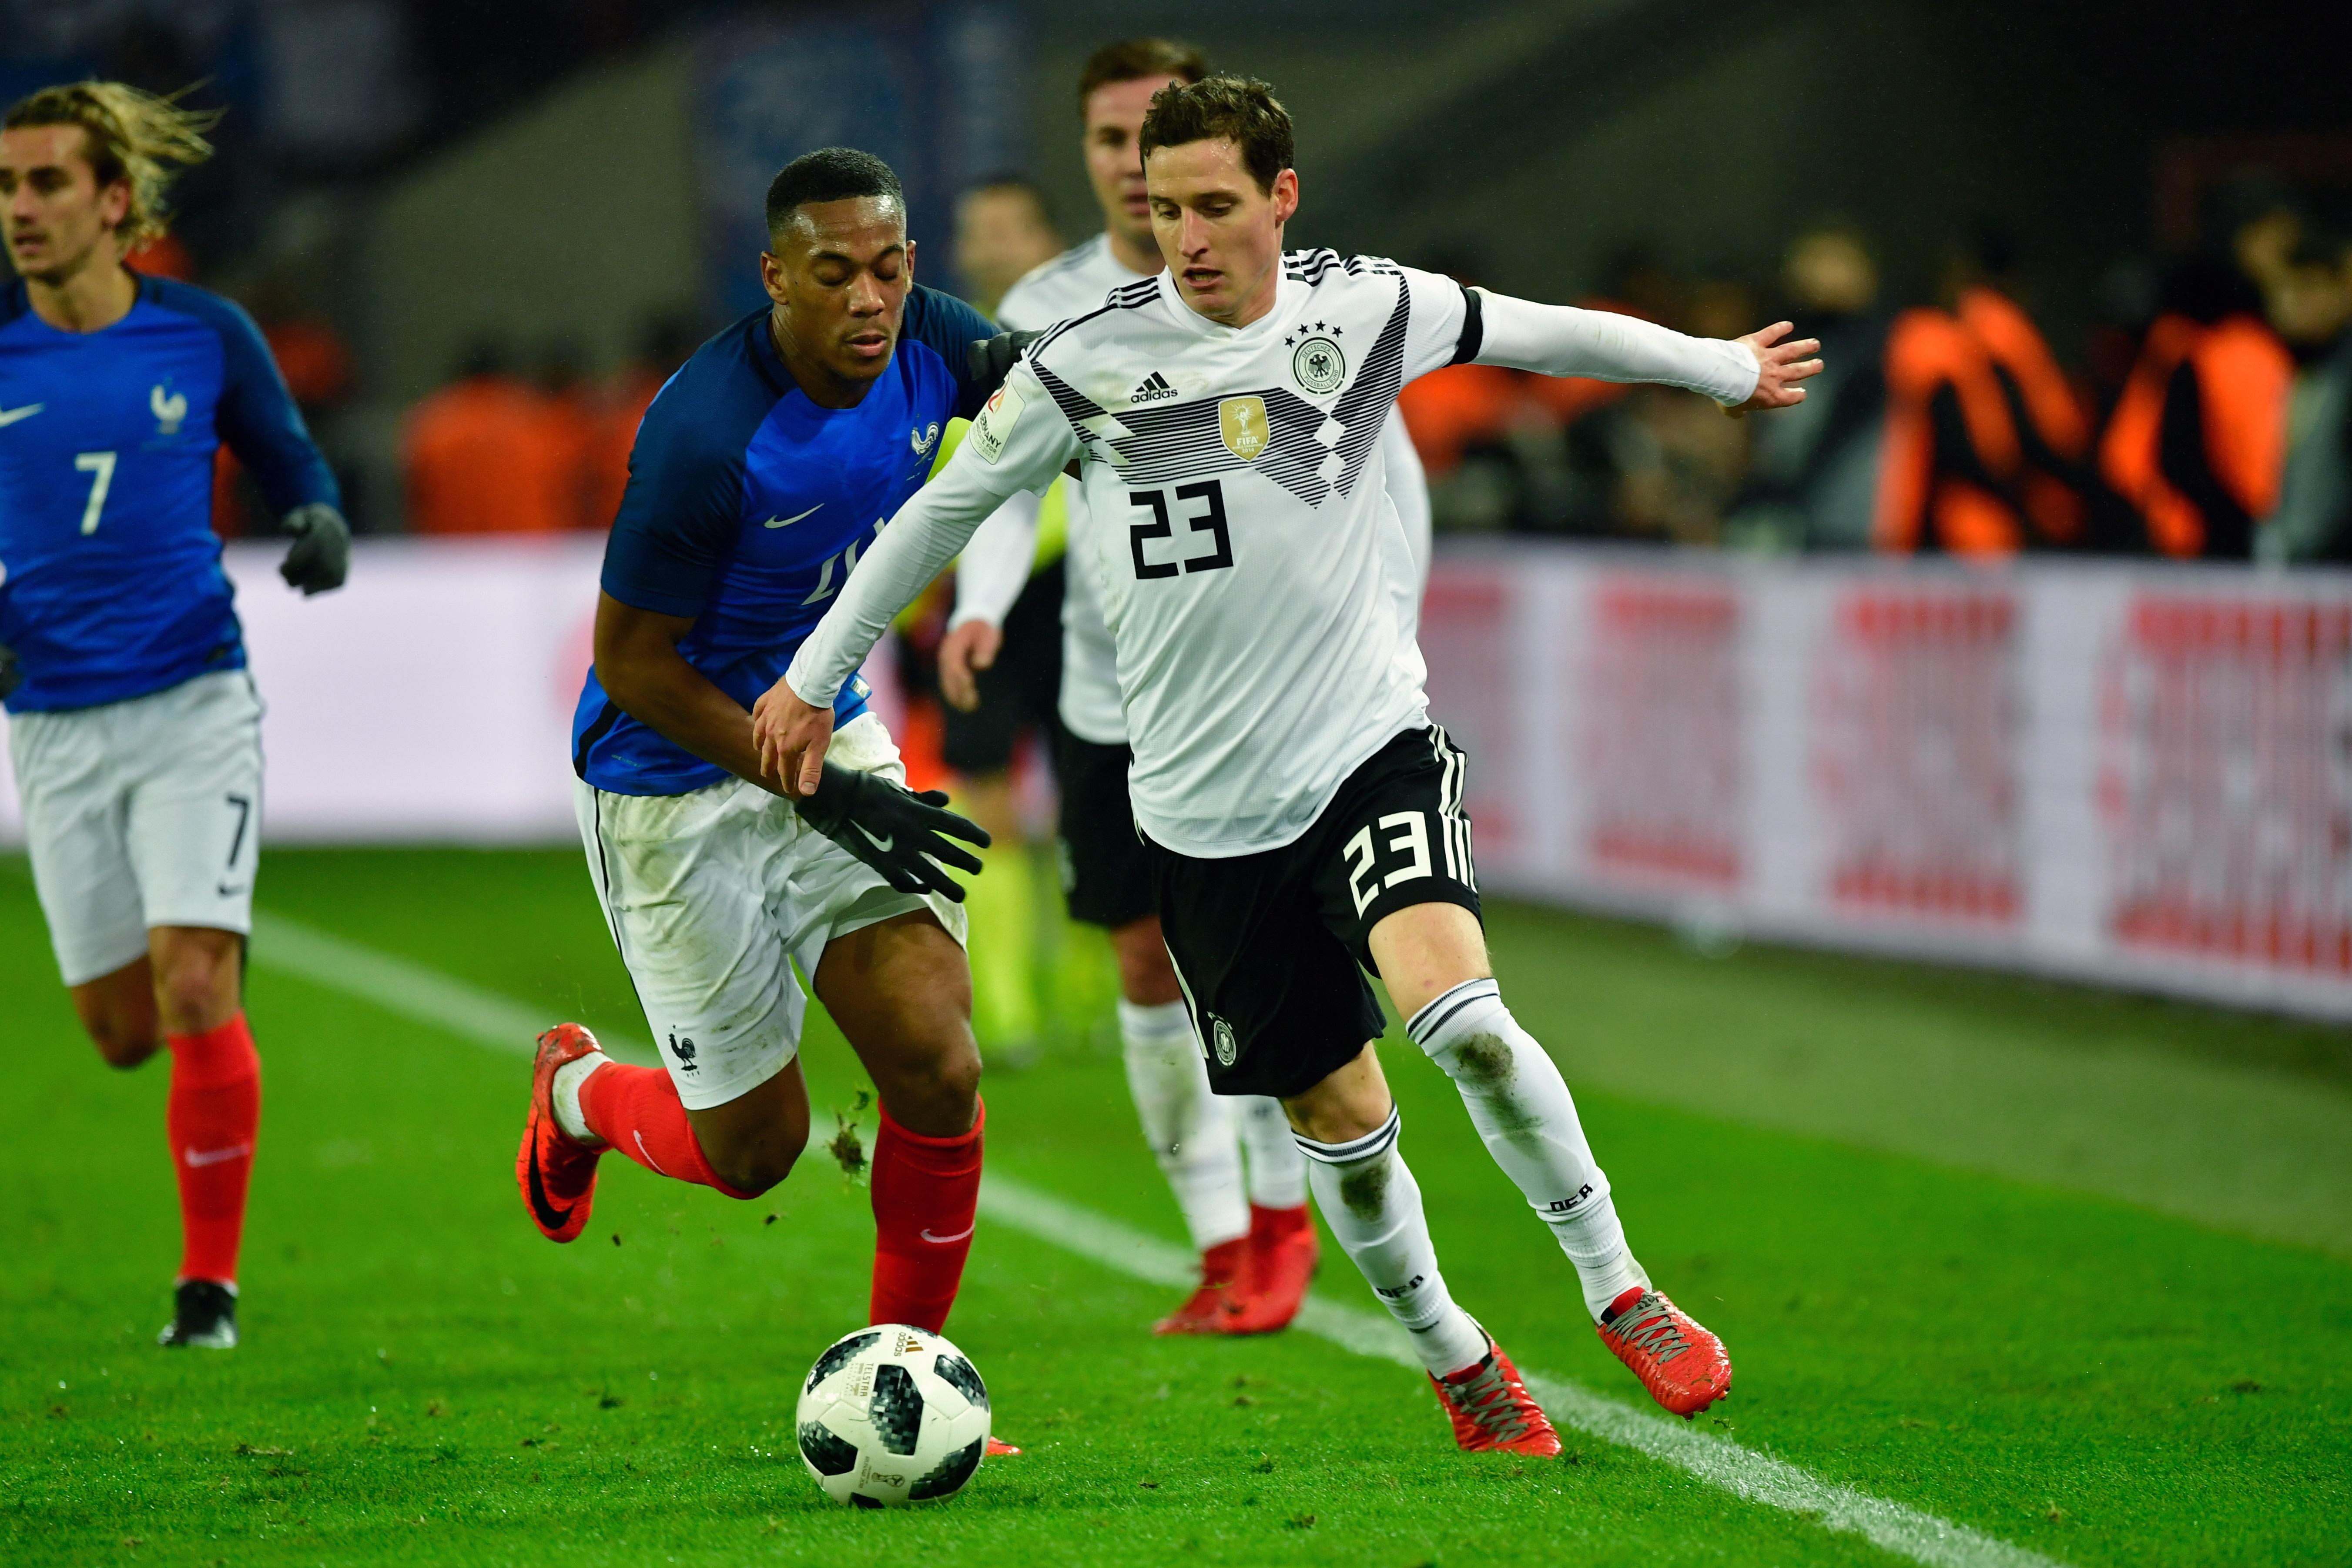 Sebastian Rudy (R) am 14. November 2017 gegen Frankreich im Länderspiel mit der Rückennummer 23. AFP PHOTO / John MACDOUGALL